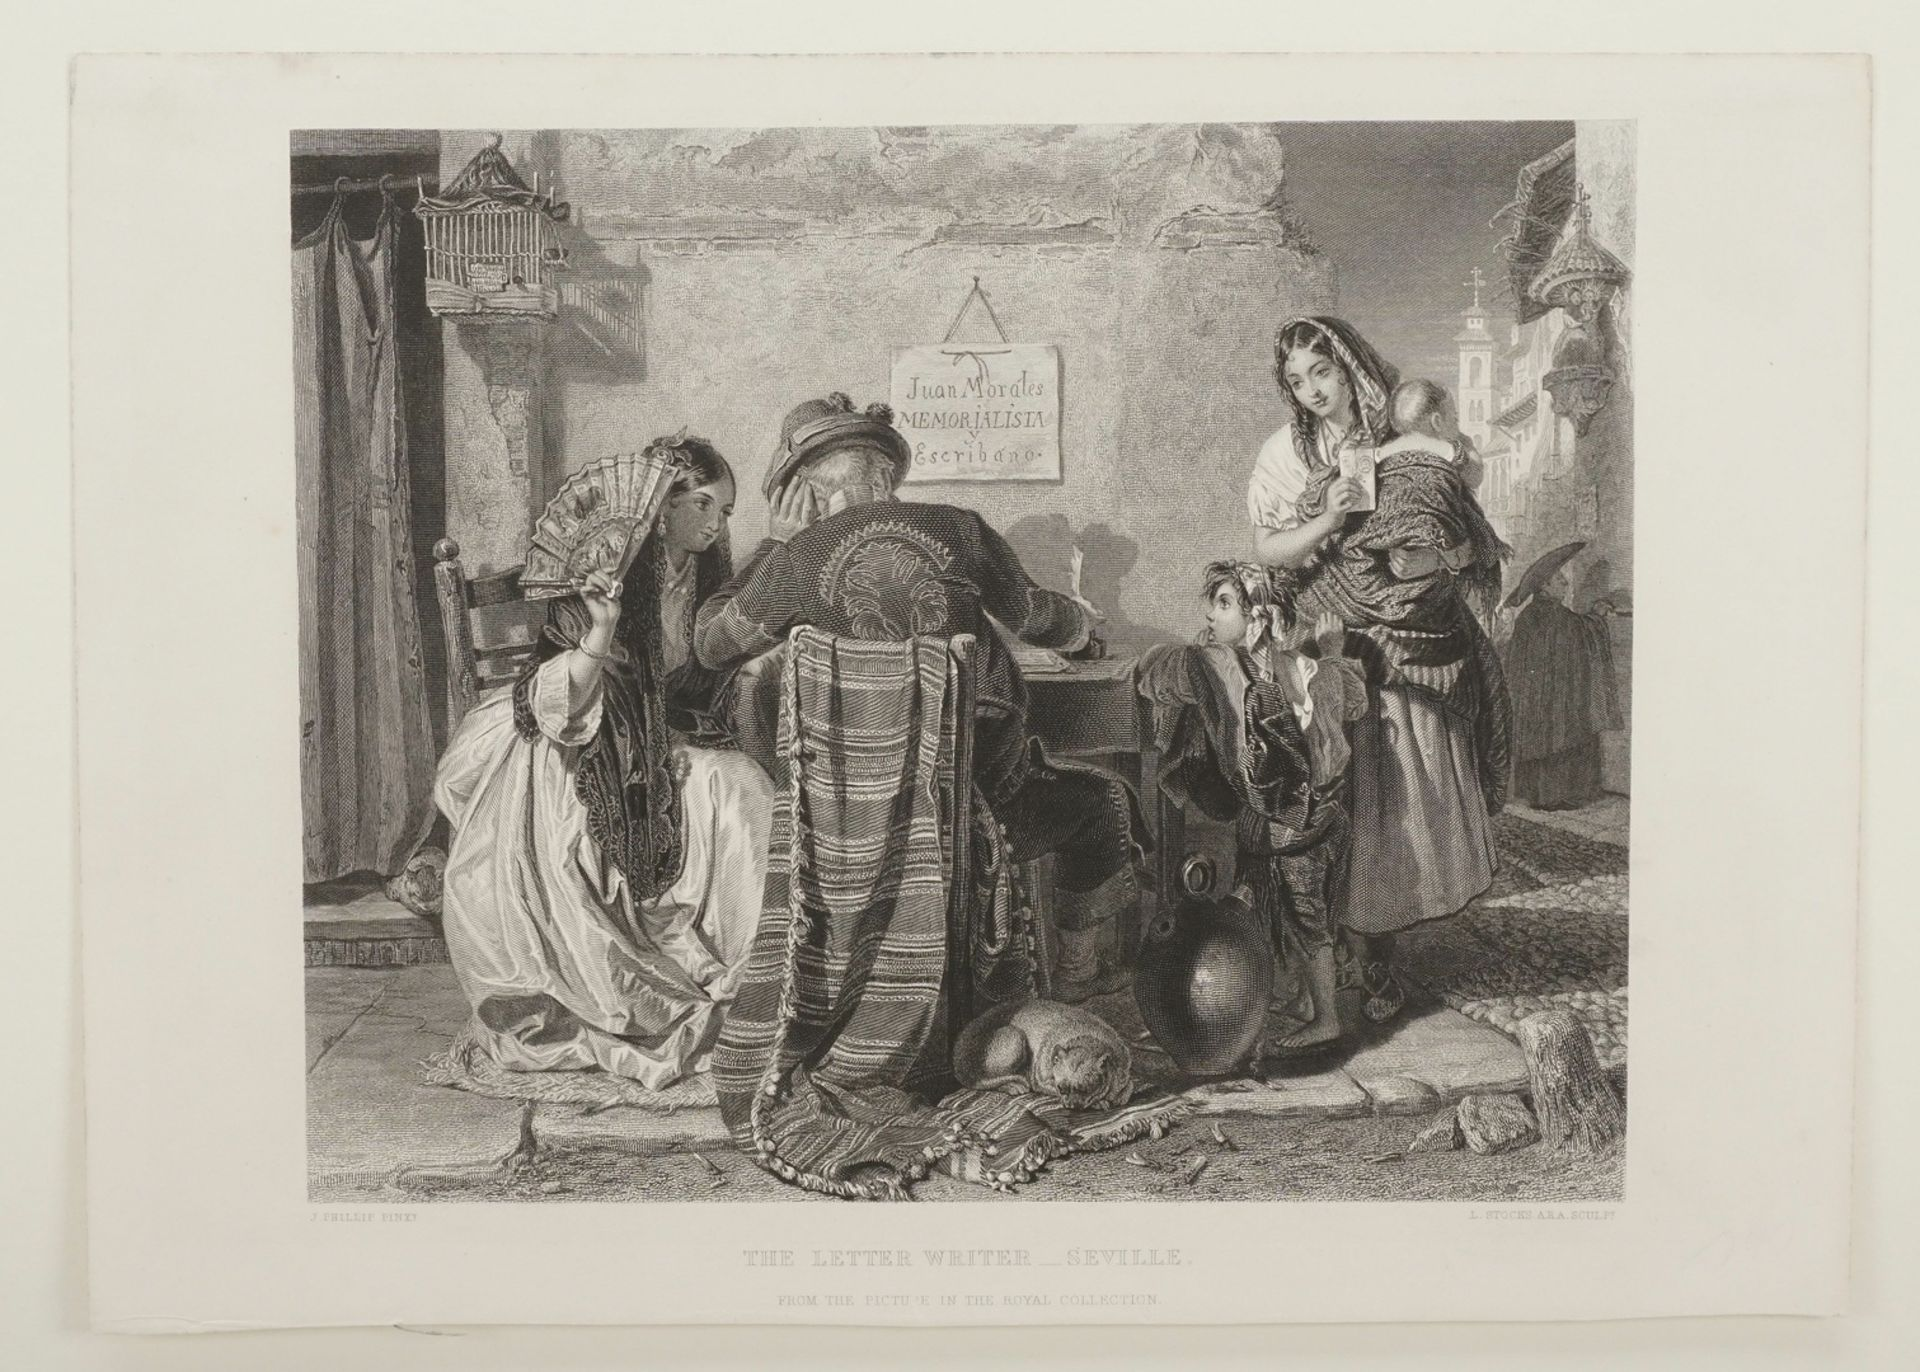 """John Philip, """"The letter writer - Seville"""" (Der Briefeschreiber - Sevilla) - Bild 3 aus 3"""